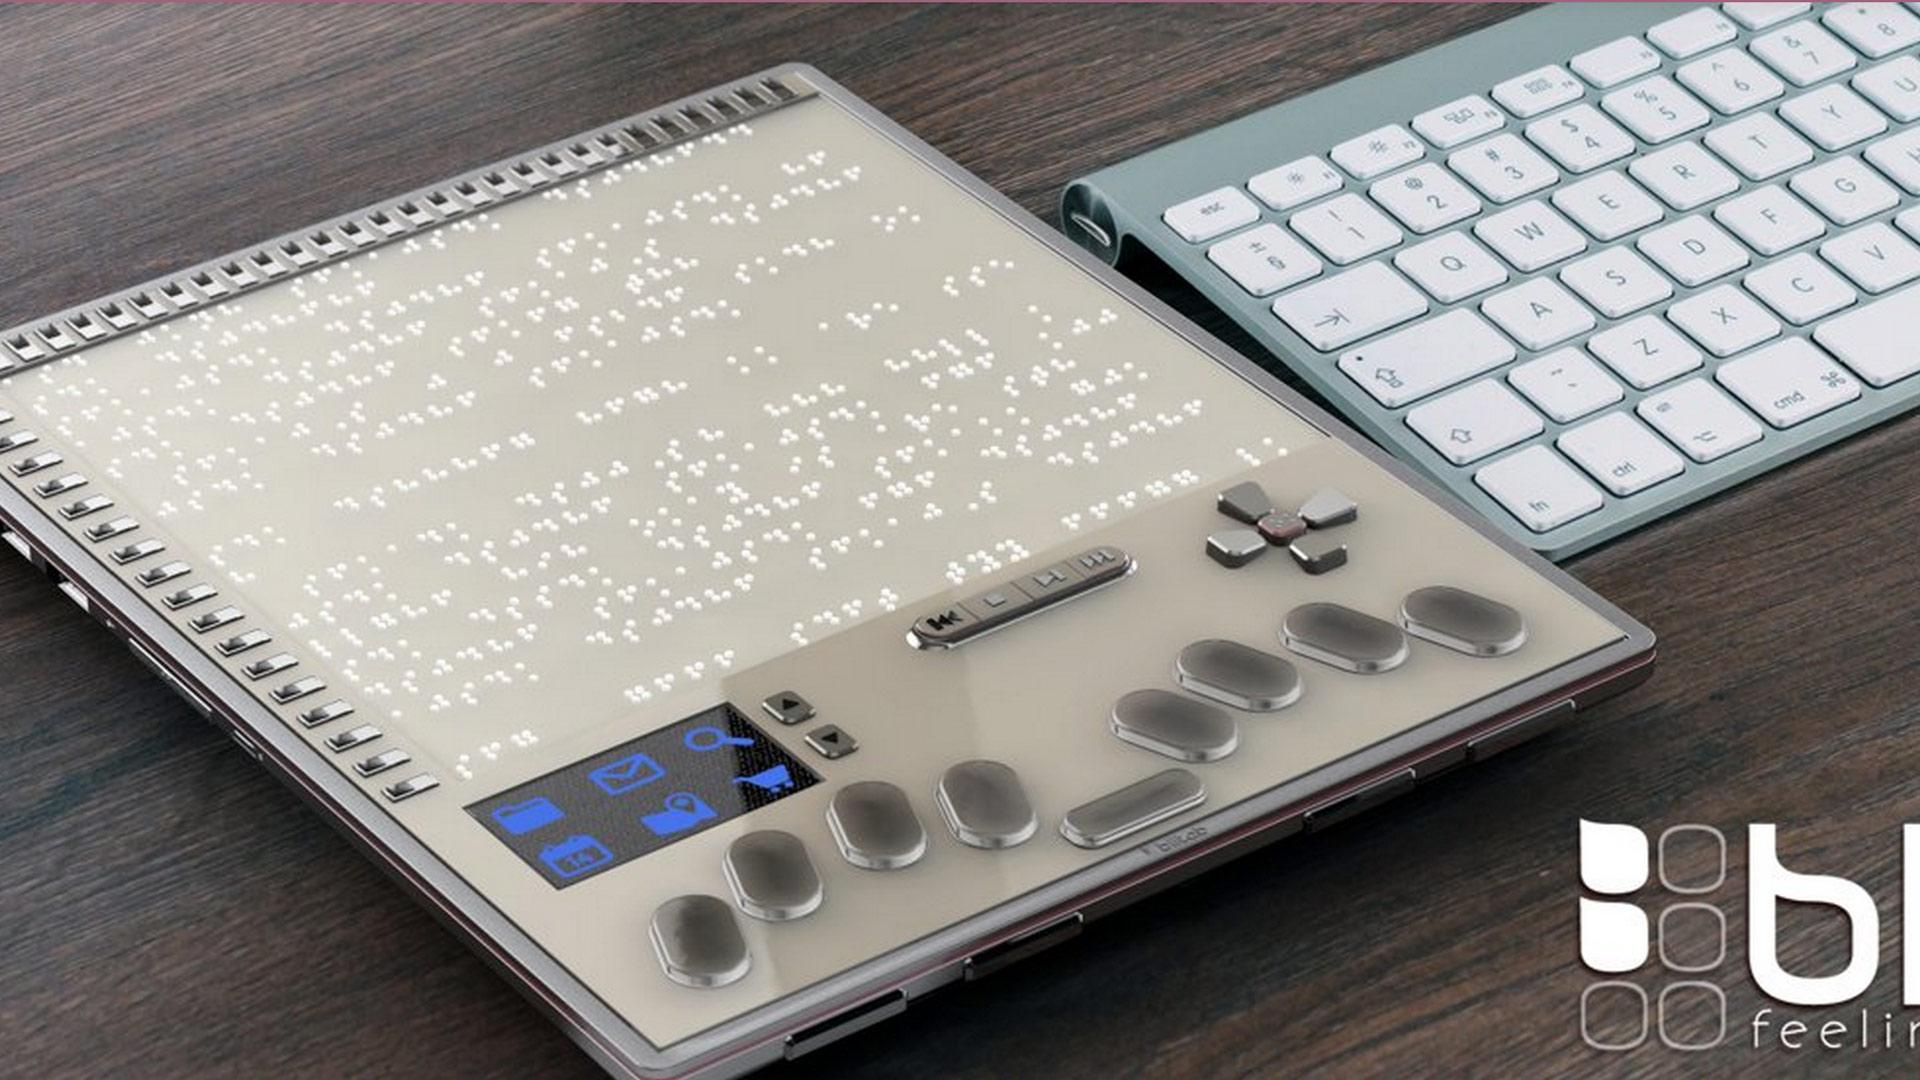 Blitlab une tablette tactile r volutionnaire pour les malvoyants ilovetab - Accessoires pour malvoyants ...